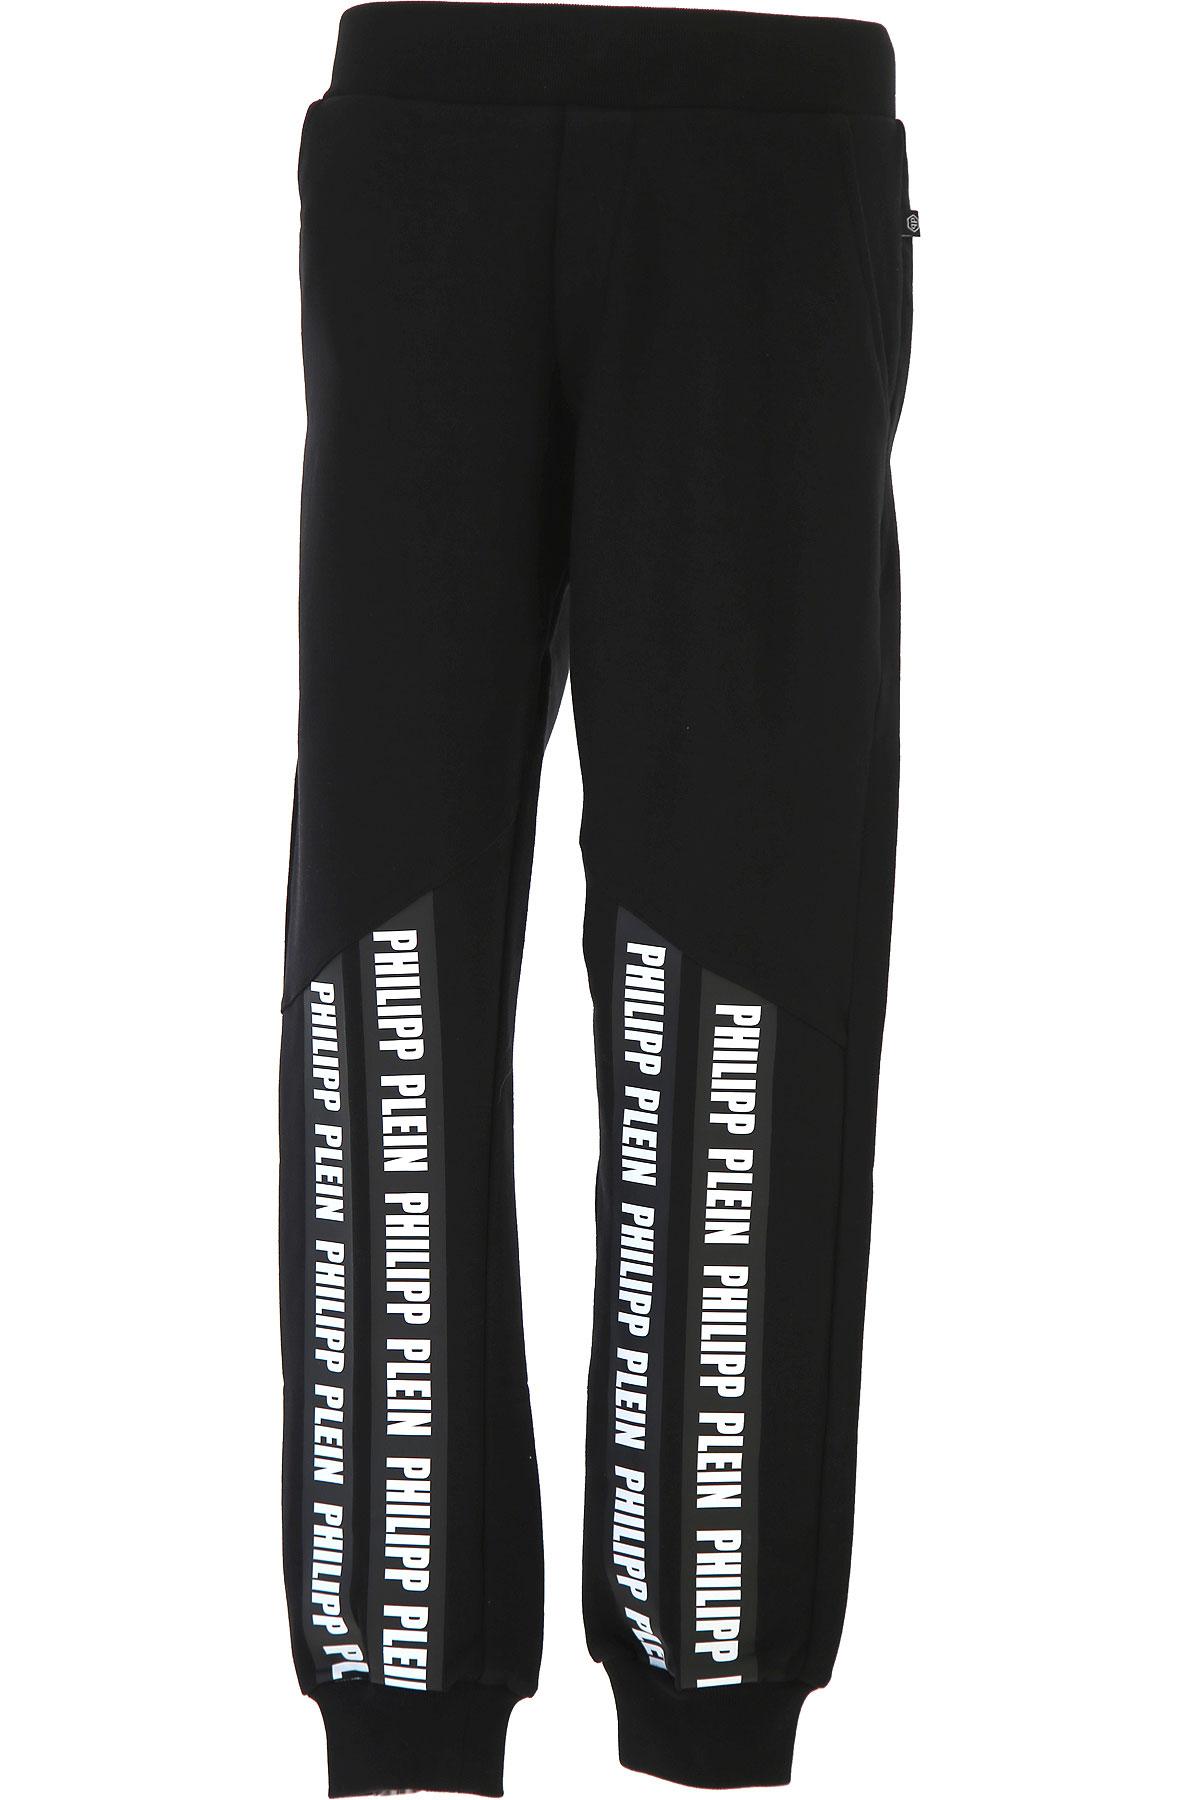 Philipp Plein Kids Sweatpants for Boys On Sale, Black, Cotton, 2019, 10Y 12Y 14Y 16Y 8Y